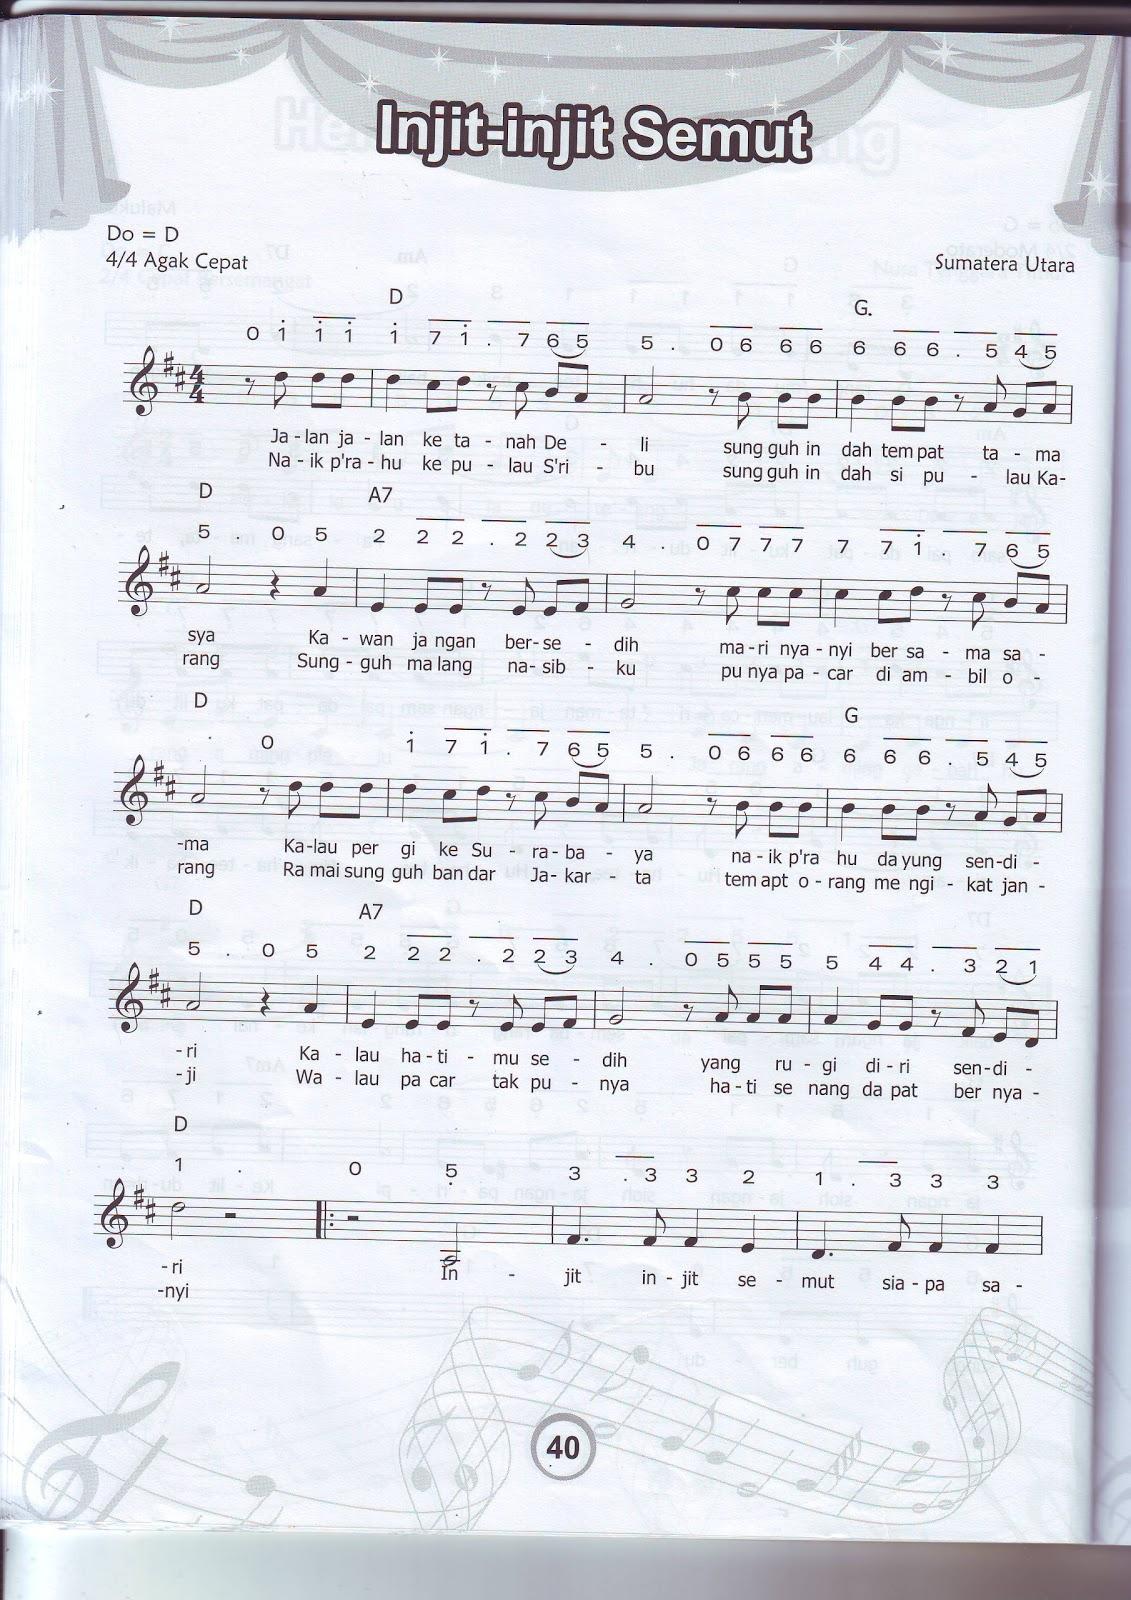 Lagu Daerah Injit Injit Semut